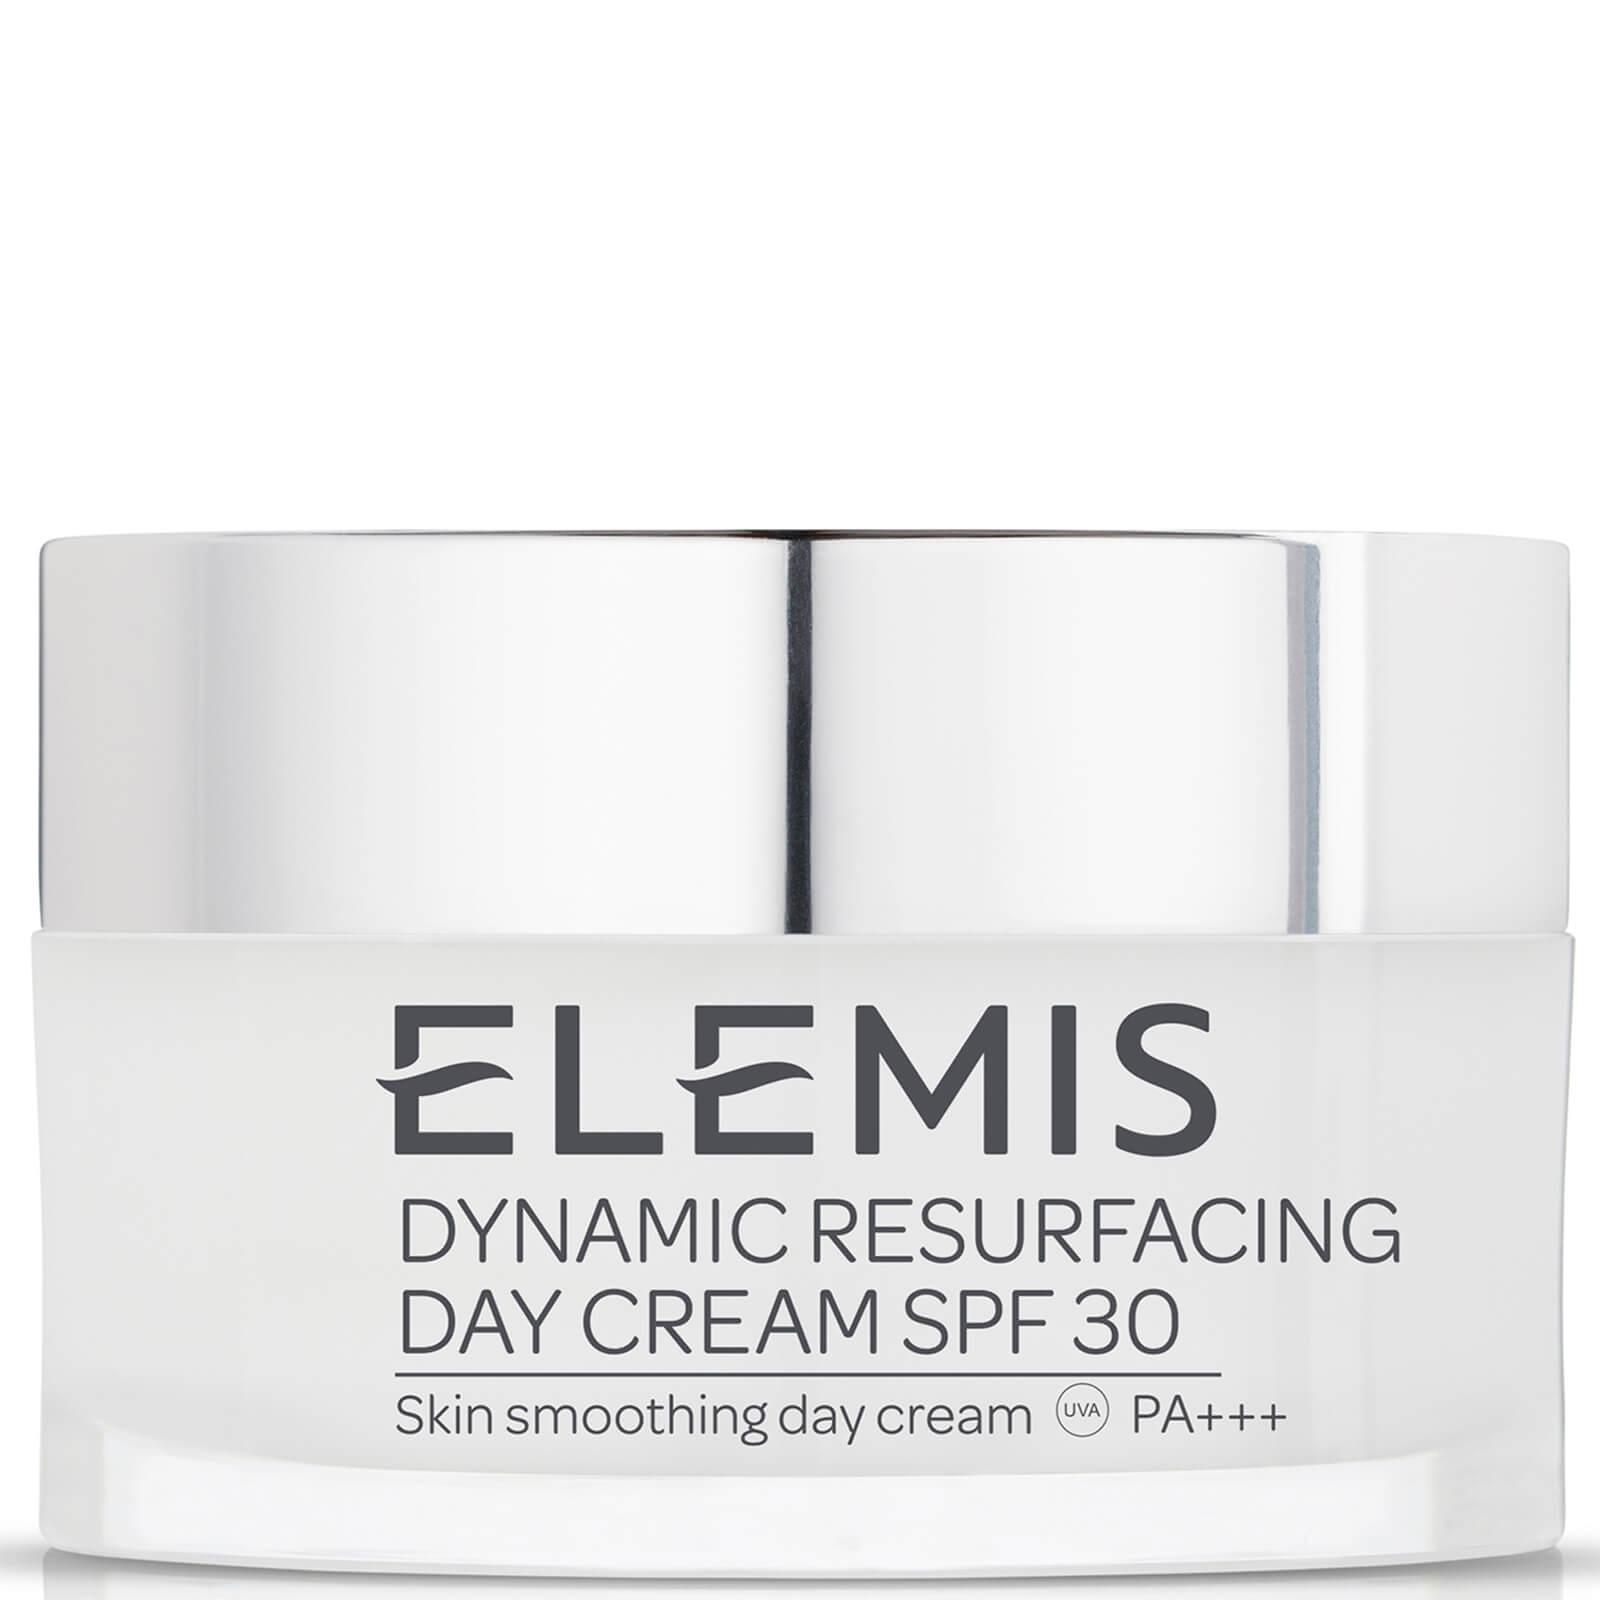 Elemis Crème de Jour de Resurfaçage Dynamique Elemis SPF30 50ml